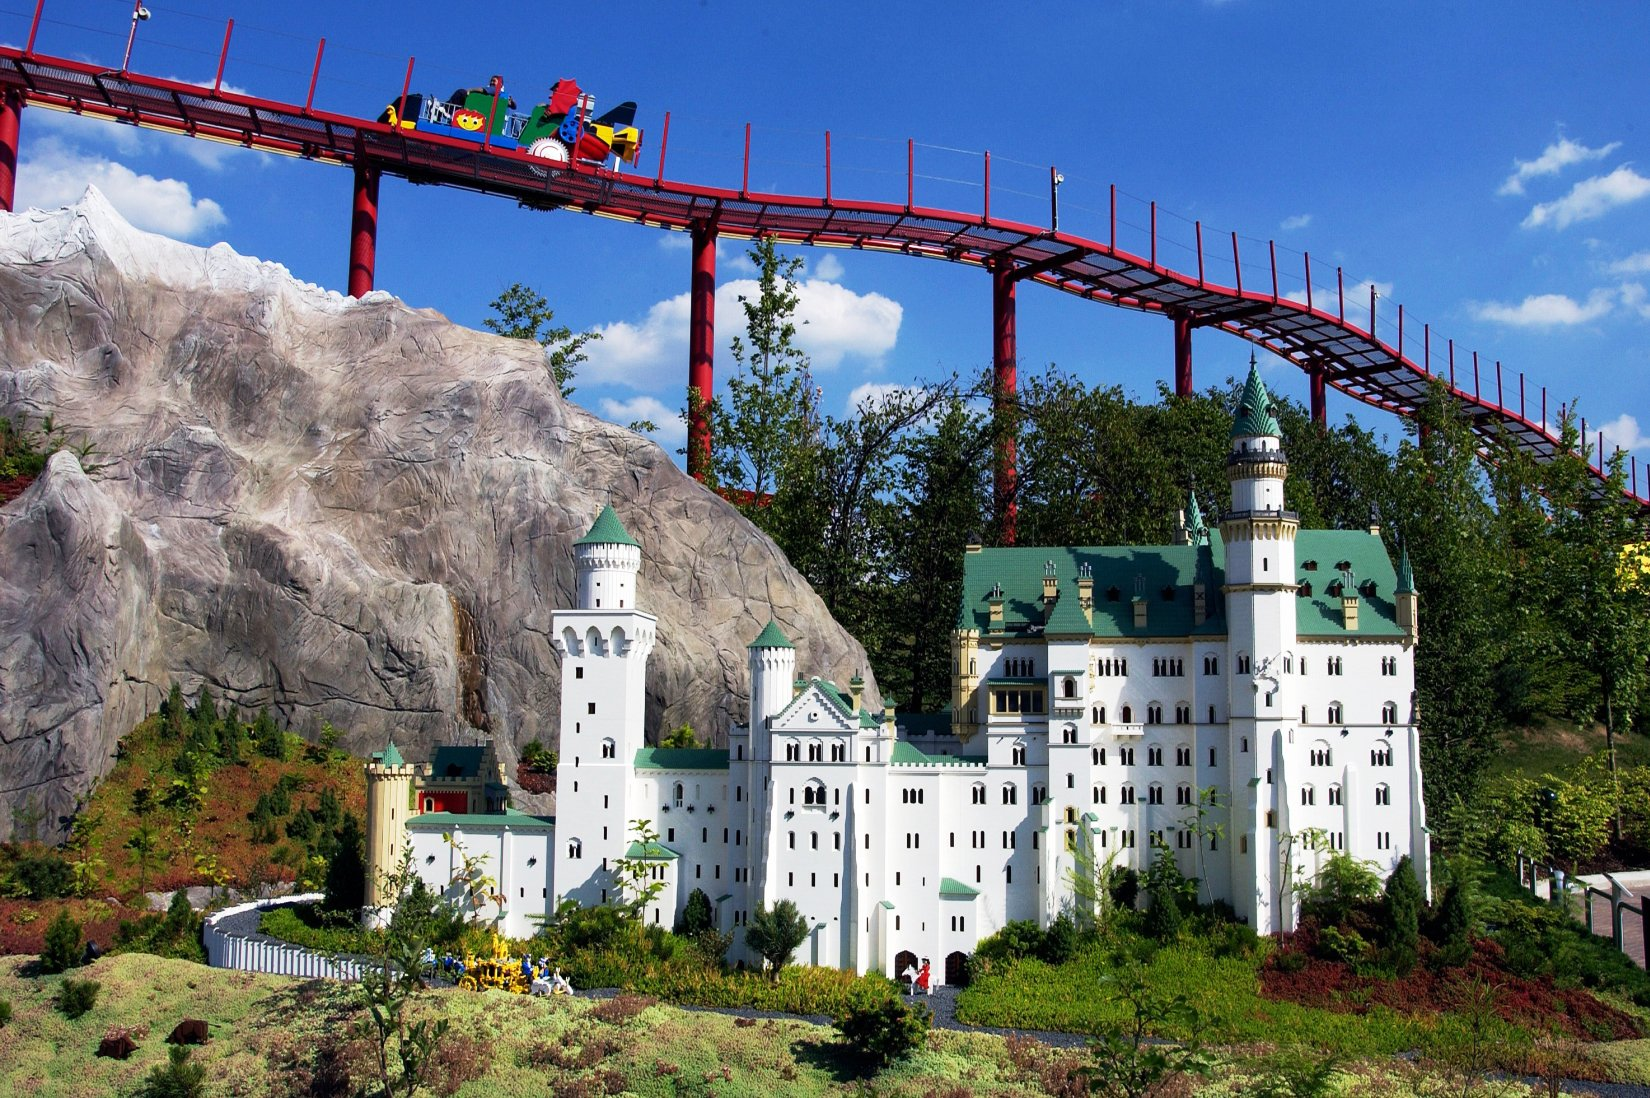 Schloss Neuschwanstein in Miniland in Legoland Deutschland